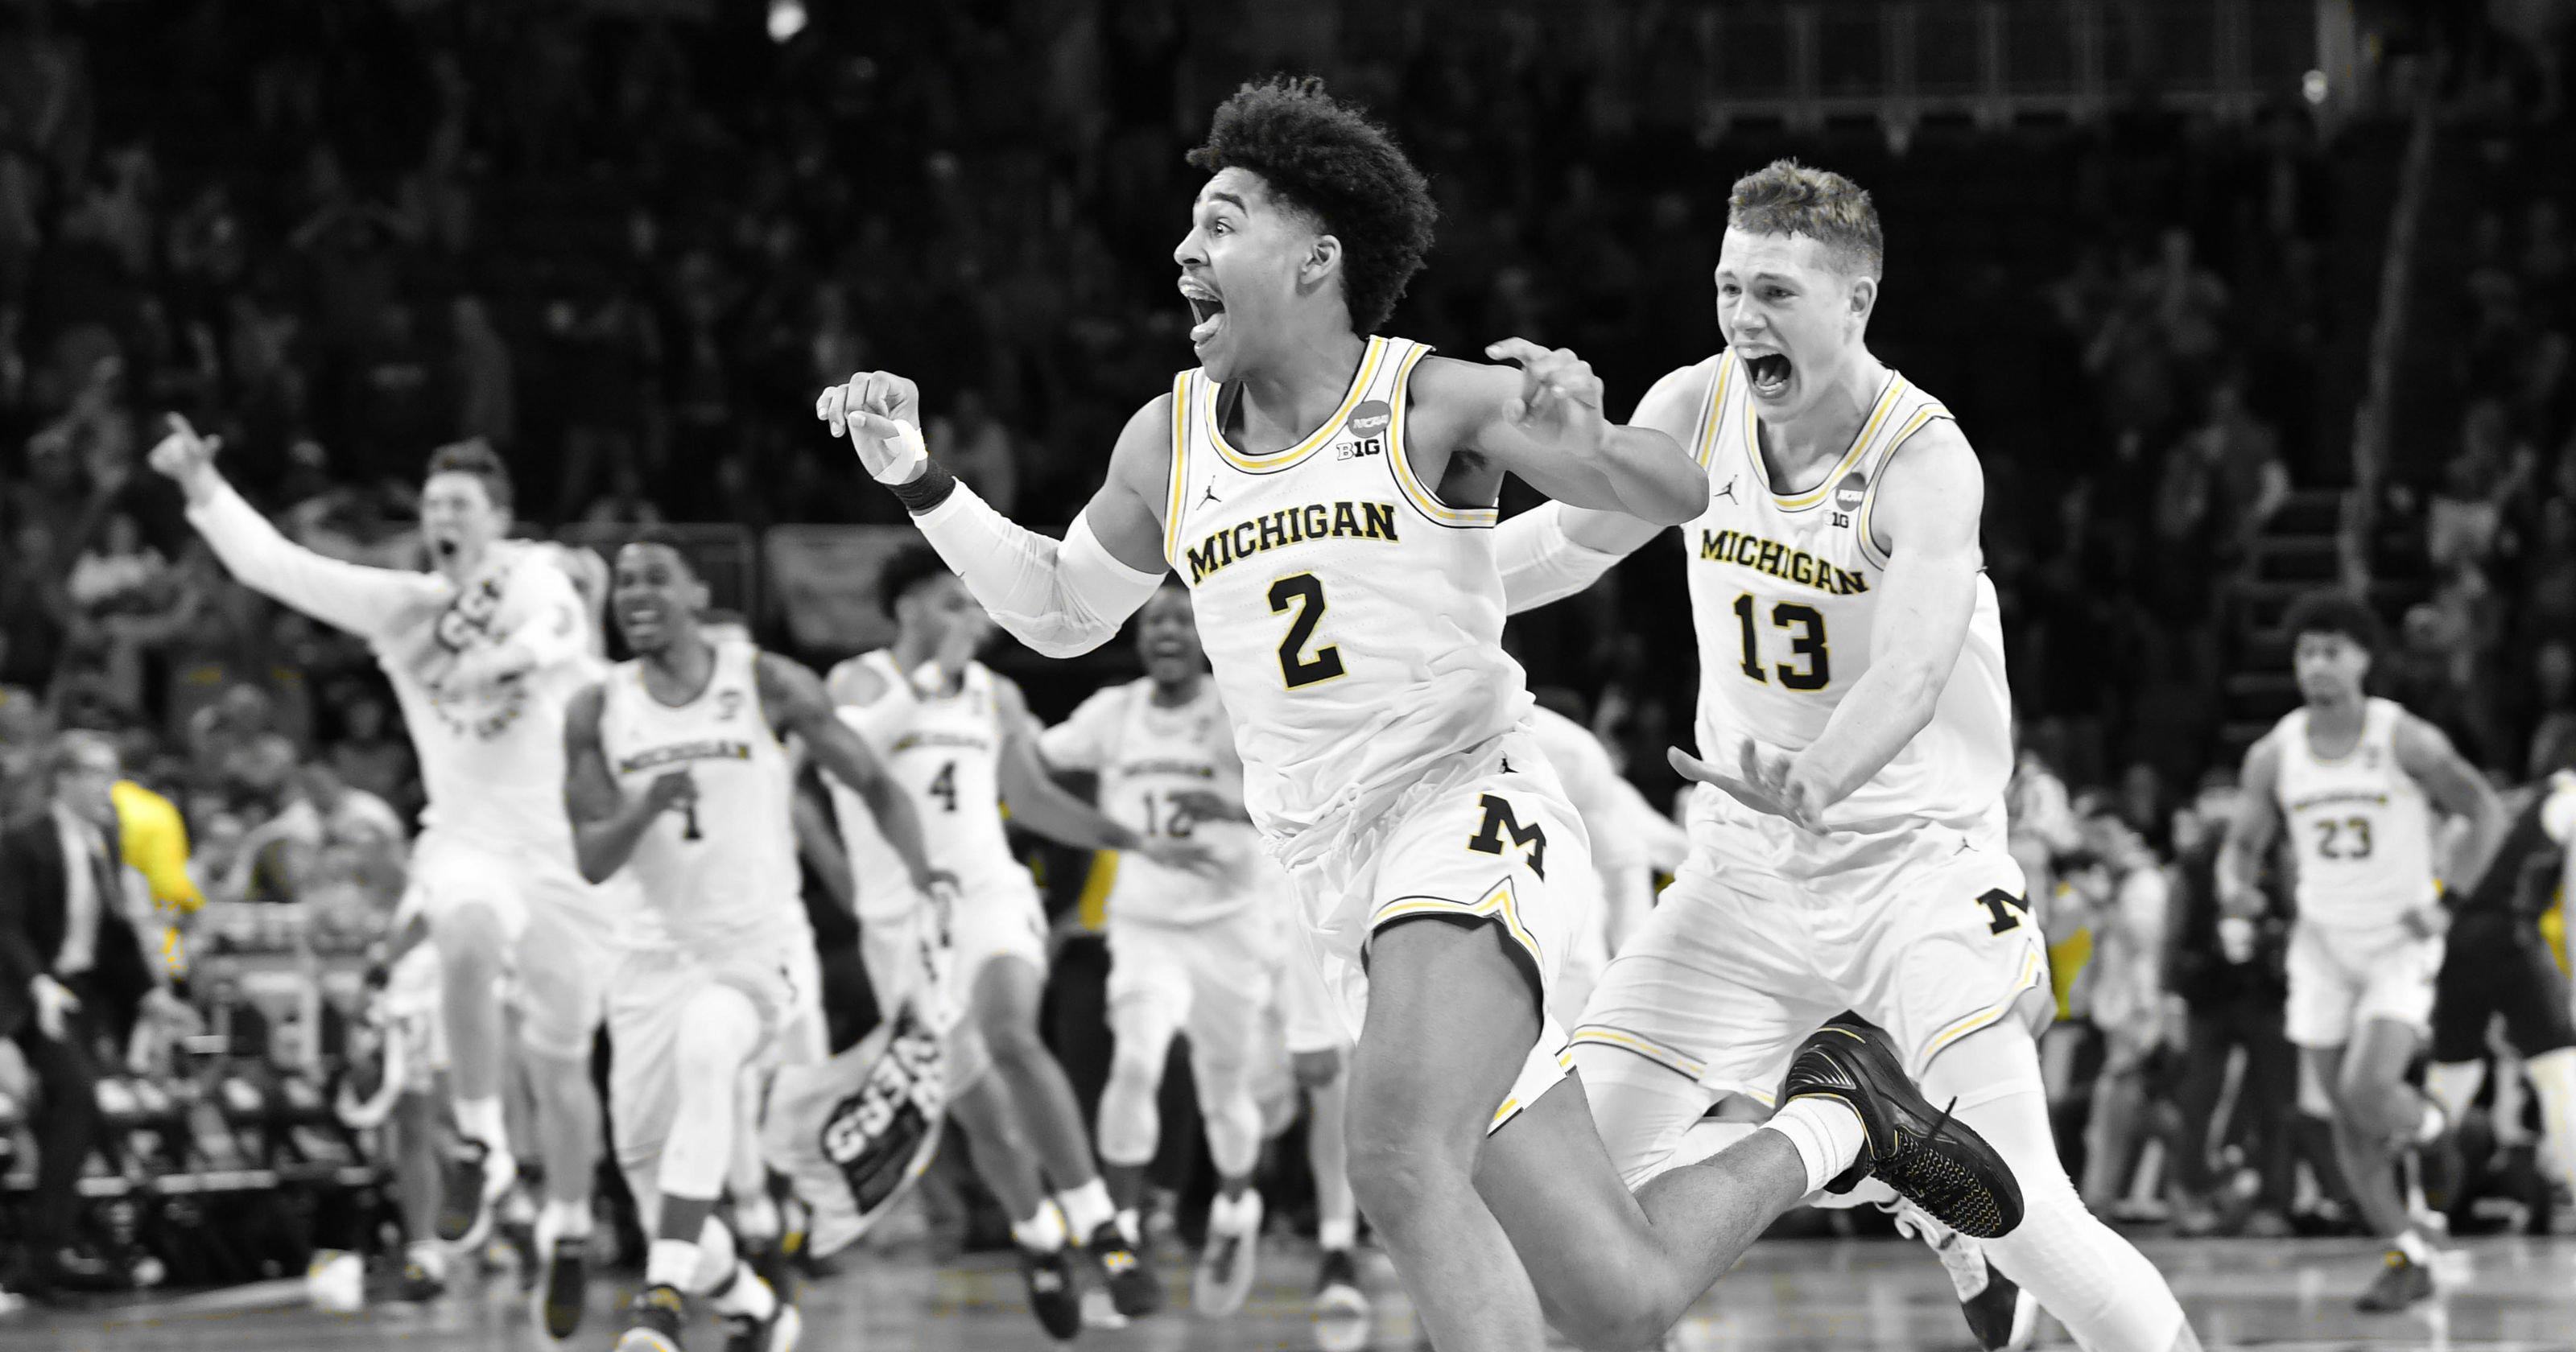 Photo Credit: Peter G. Aiken/USA TODAY Sports